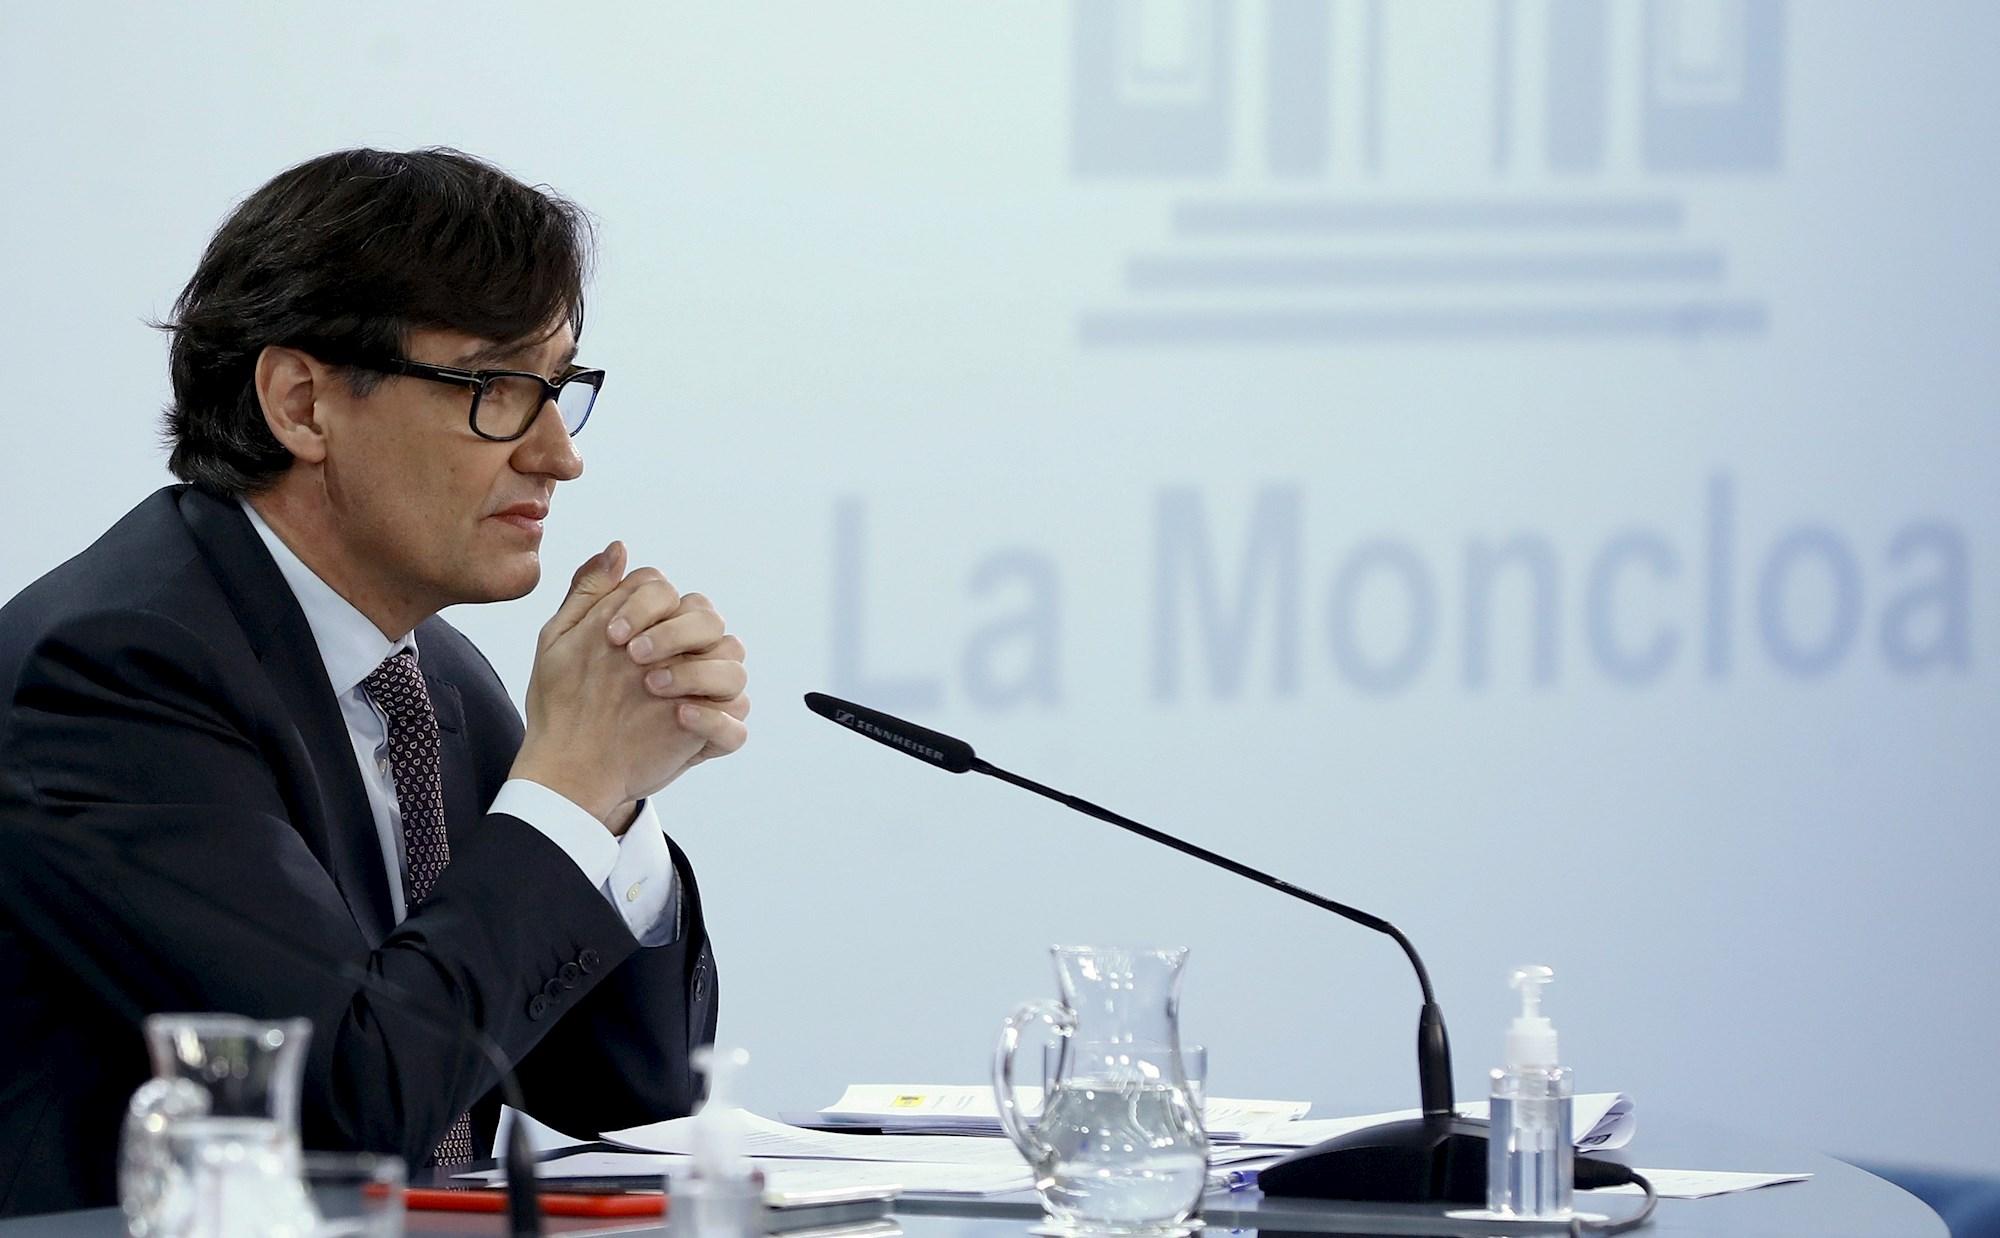 El ministro de Sanidad y candidato del PSC a las elecciones catalanas, Salvador Illa, durante una rueda de prensa del Gobierno el 12 de enero de 2021 | EFE/Ballesteros